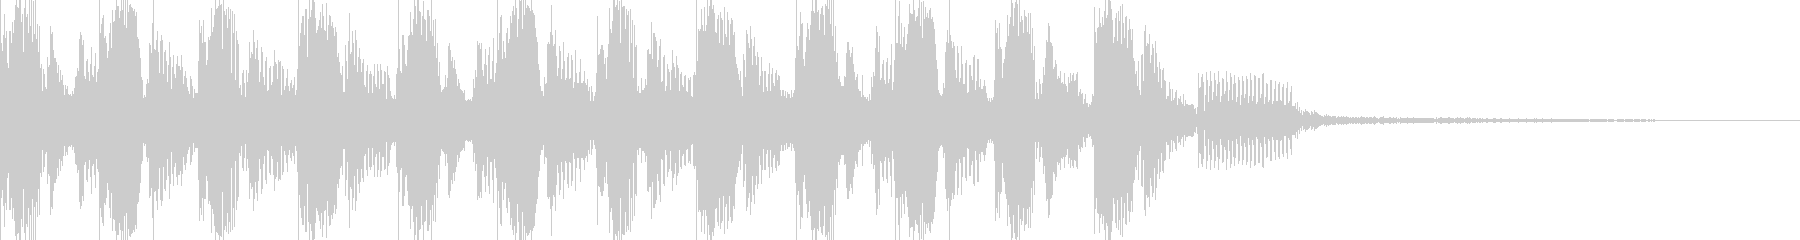 1970年代または1980年代初期...の未再生の波形